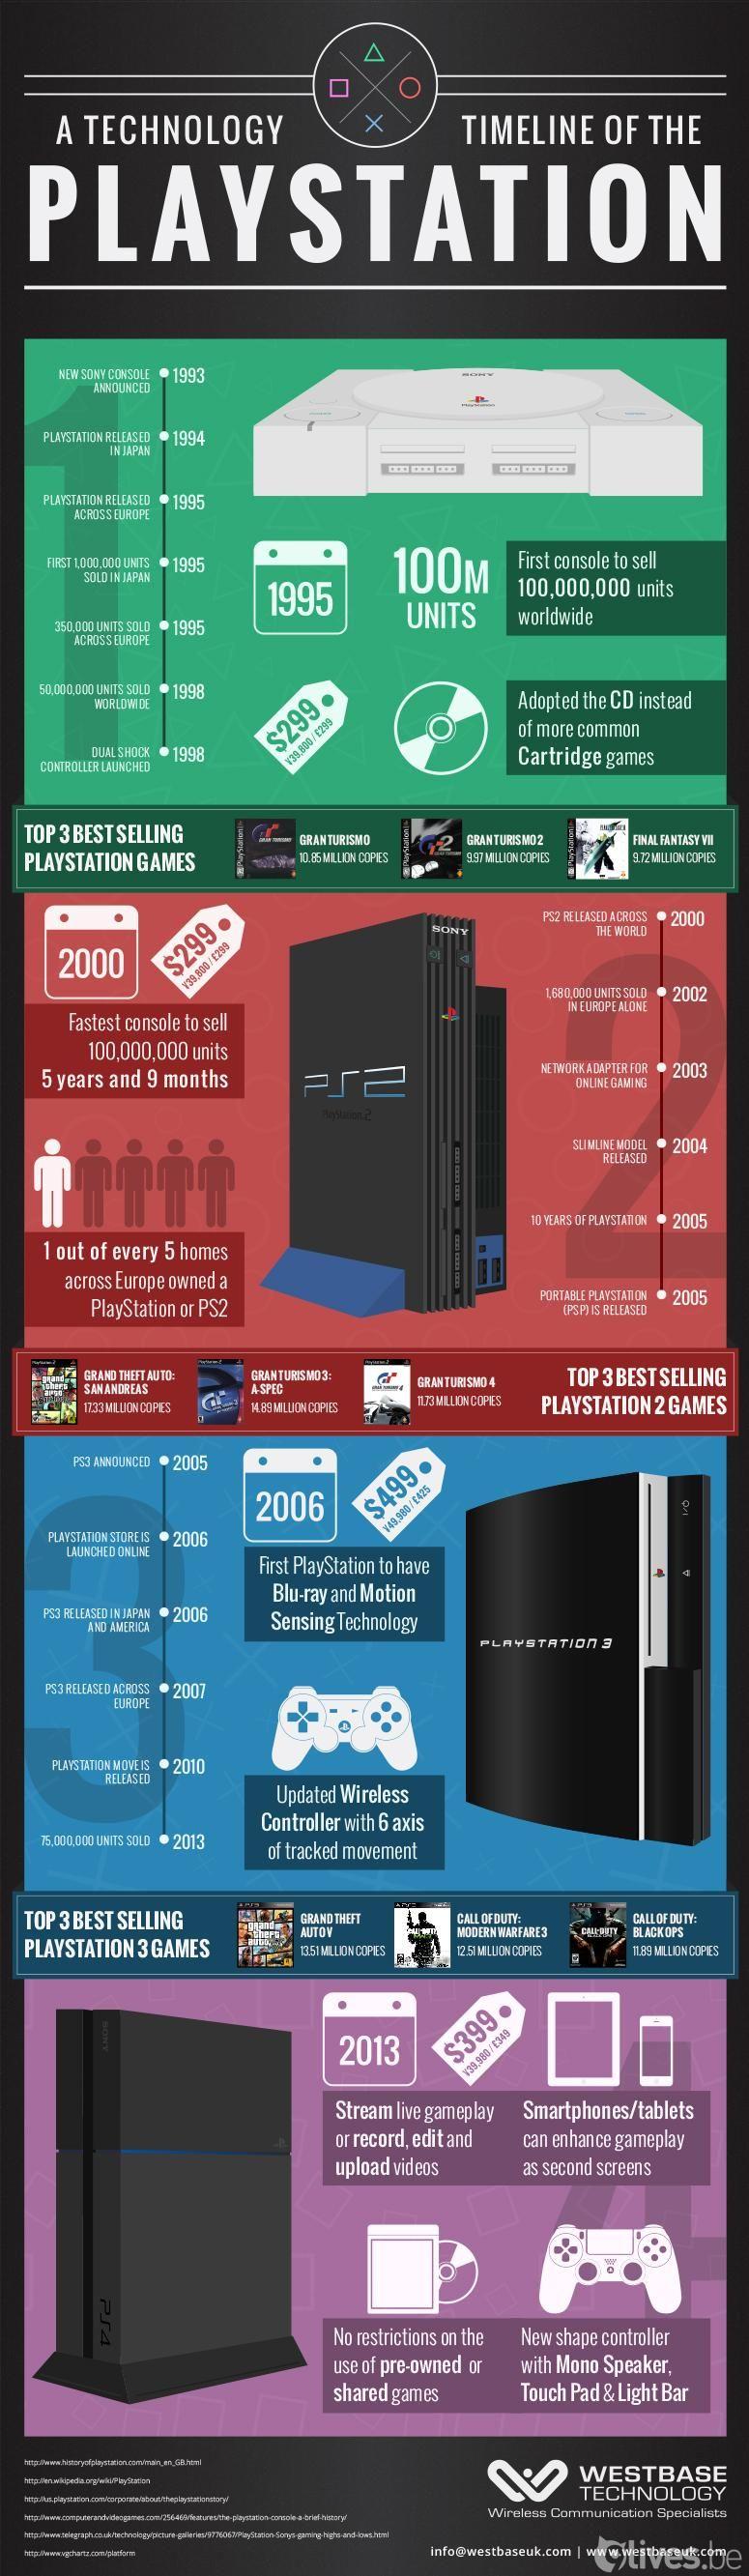 Playstation Infographic via Reddit user Phenosym